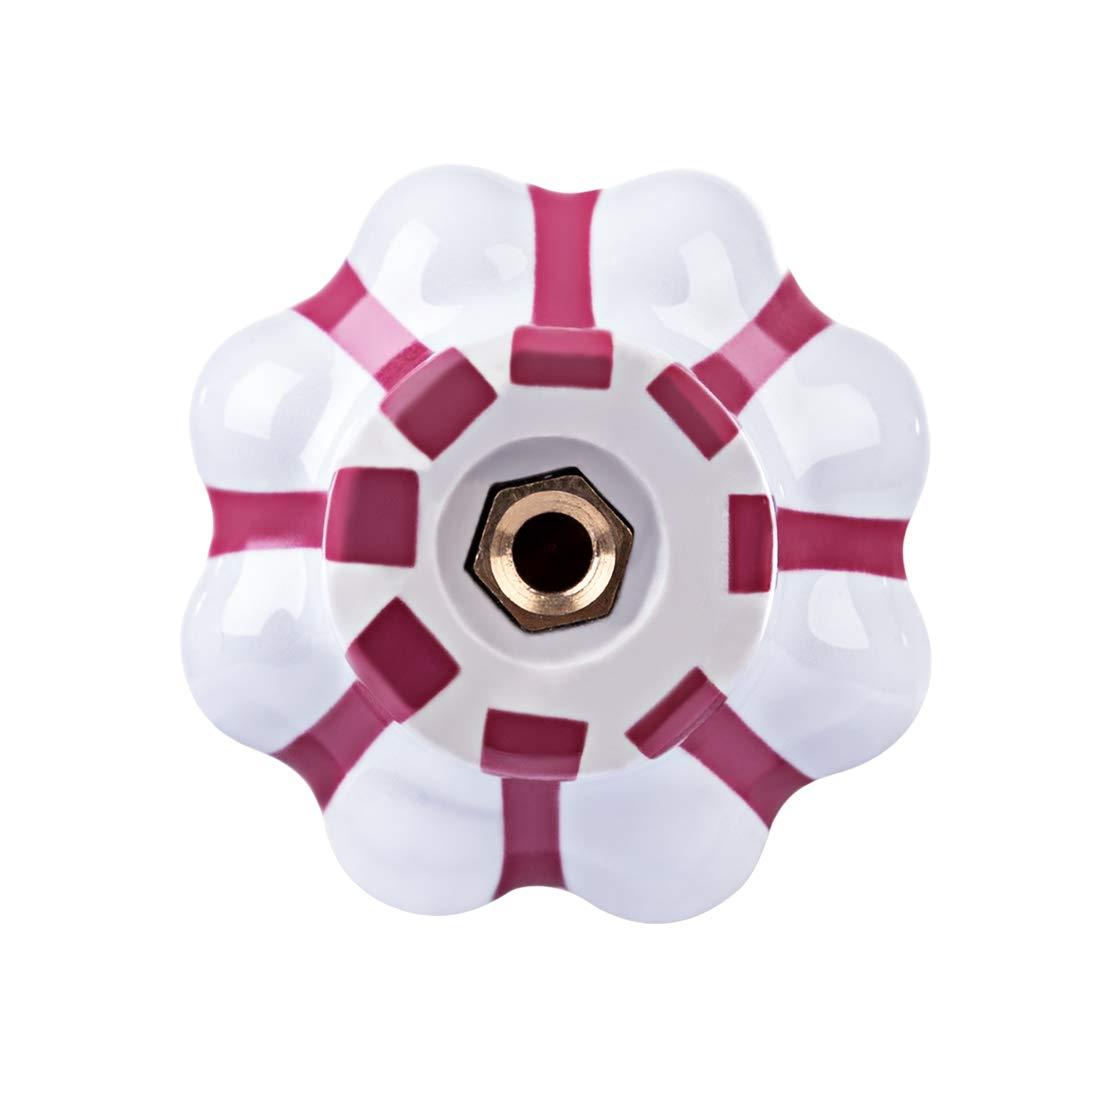 ZUJI 10PCs Boutons de Portes et Placard Poign/ées de Meuble Boutons Armoire en C/éramique pour Chambre denfant